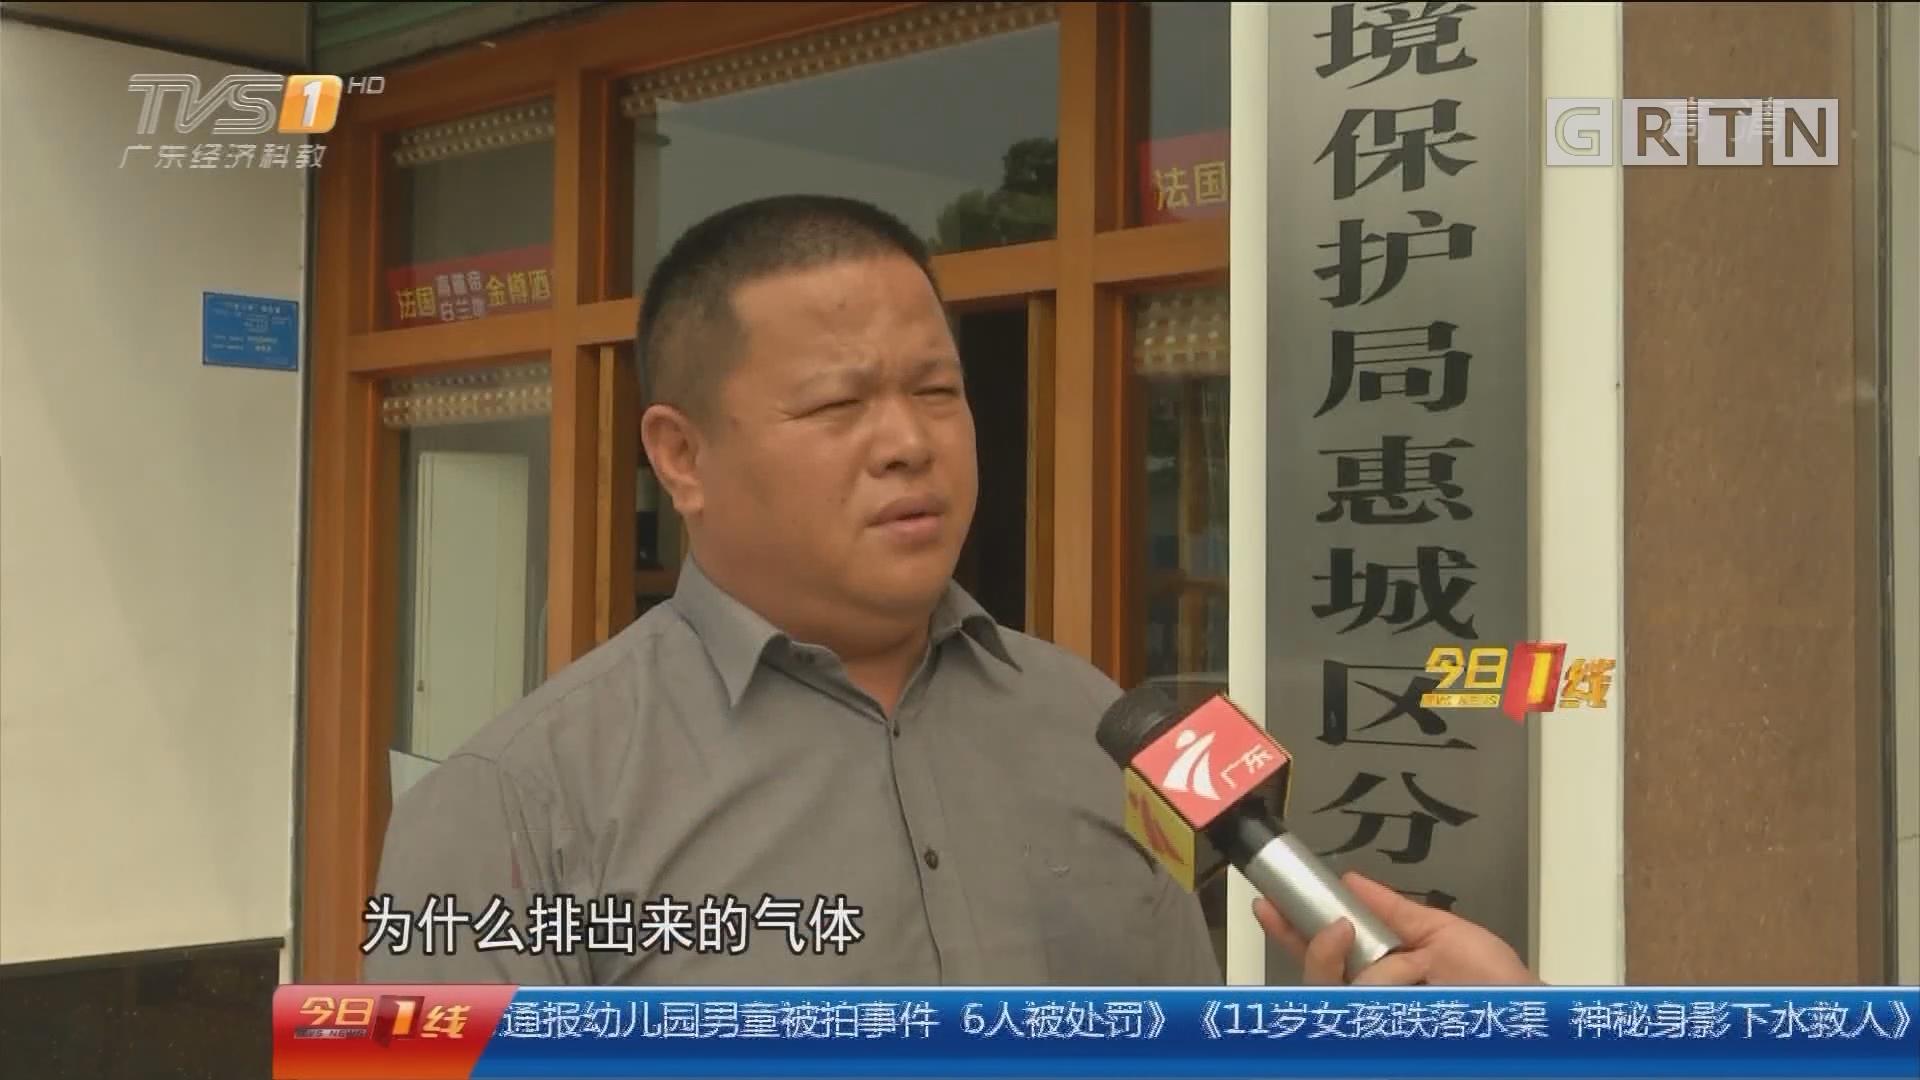 惠州惠城:学校周边弥漫异味 环保部门介入调查